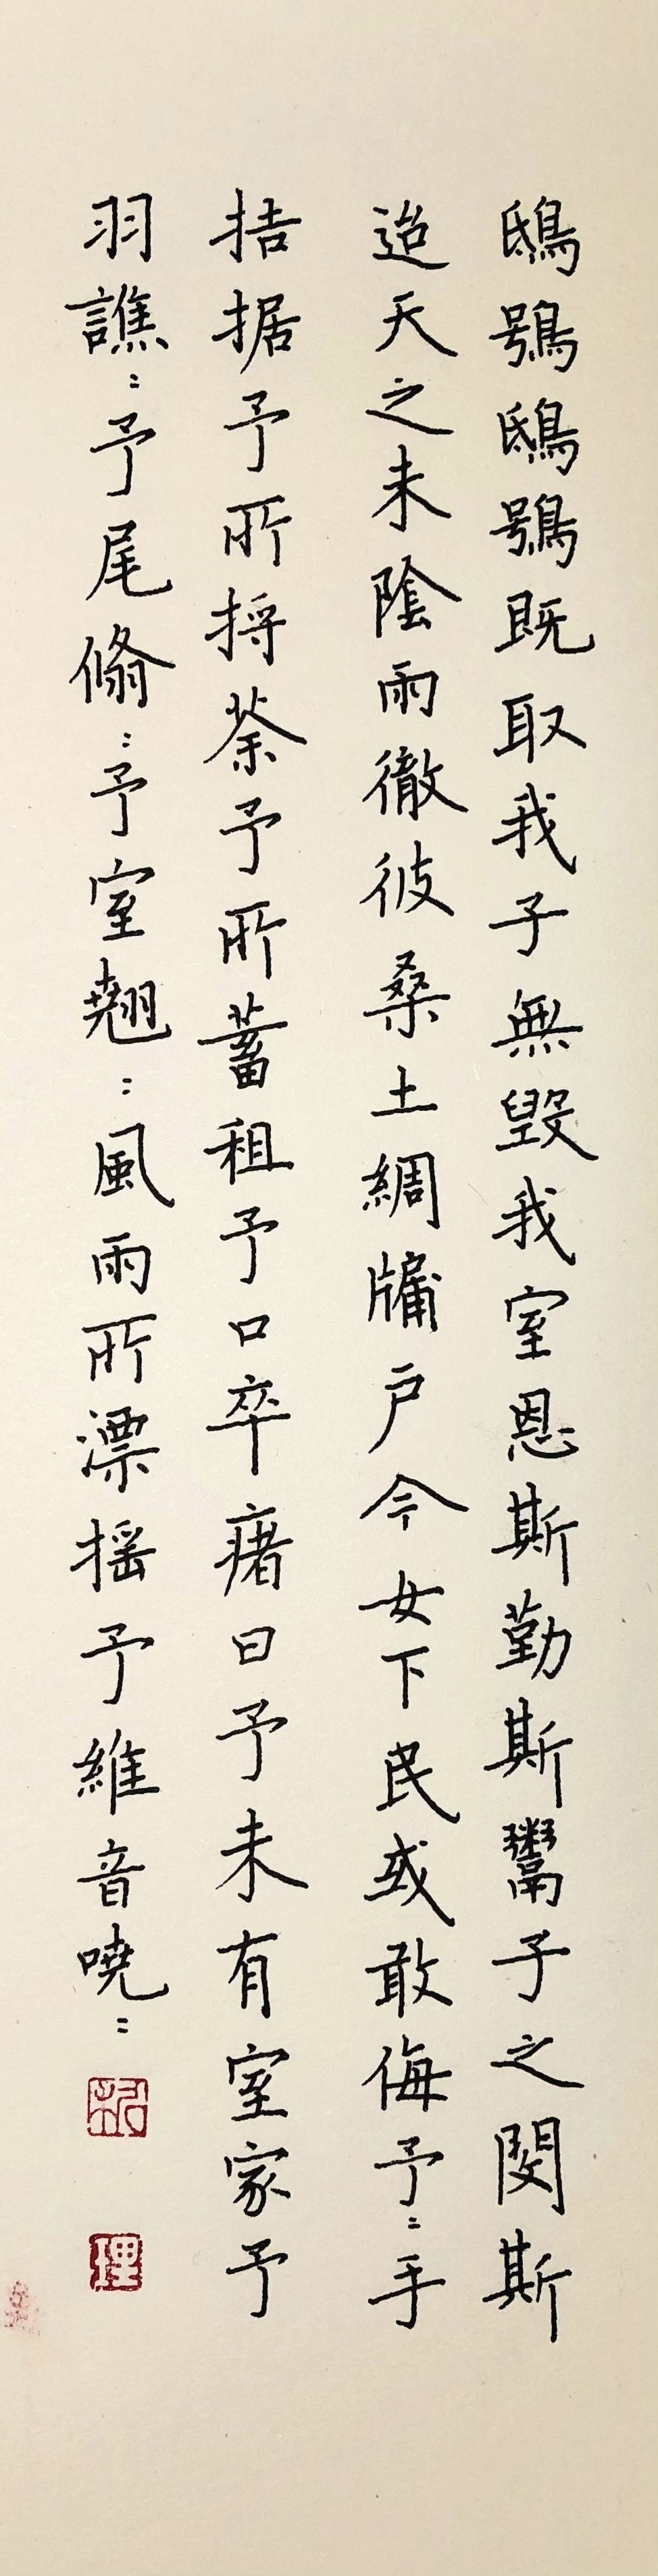 钢笔书法练字打卡20210427-15